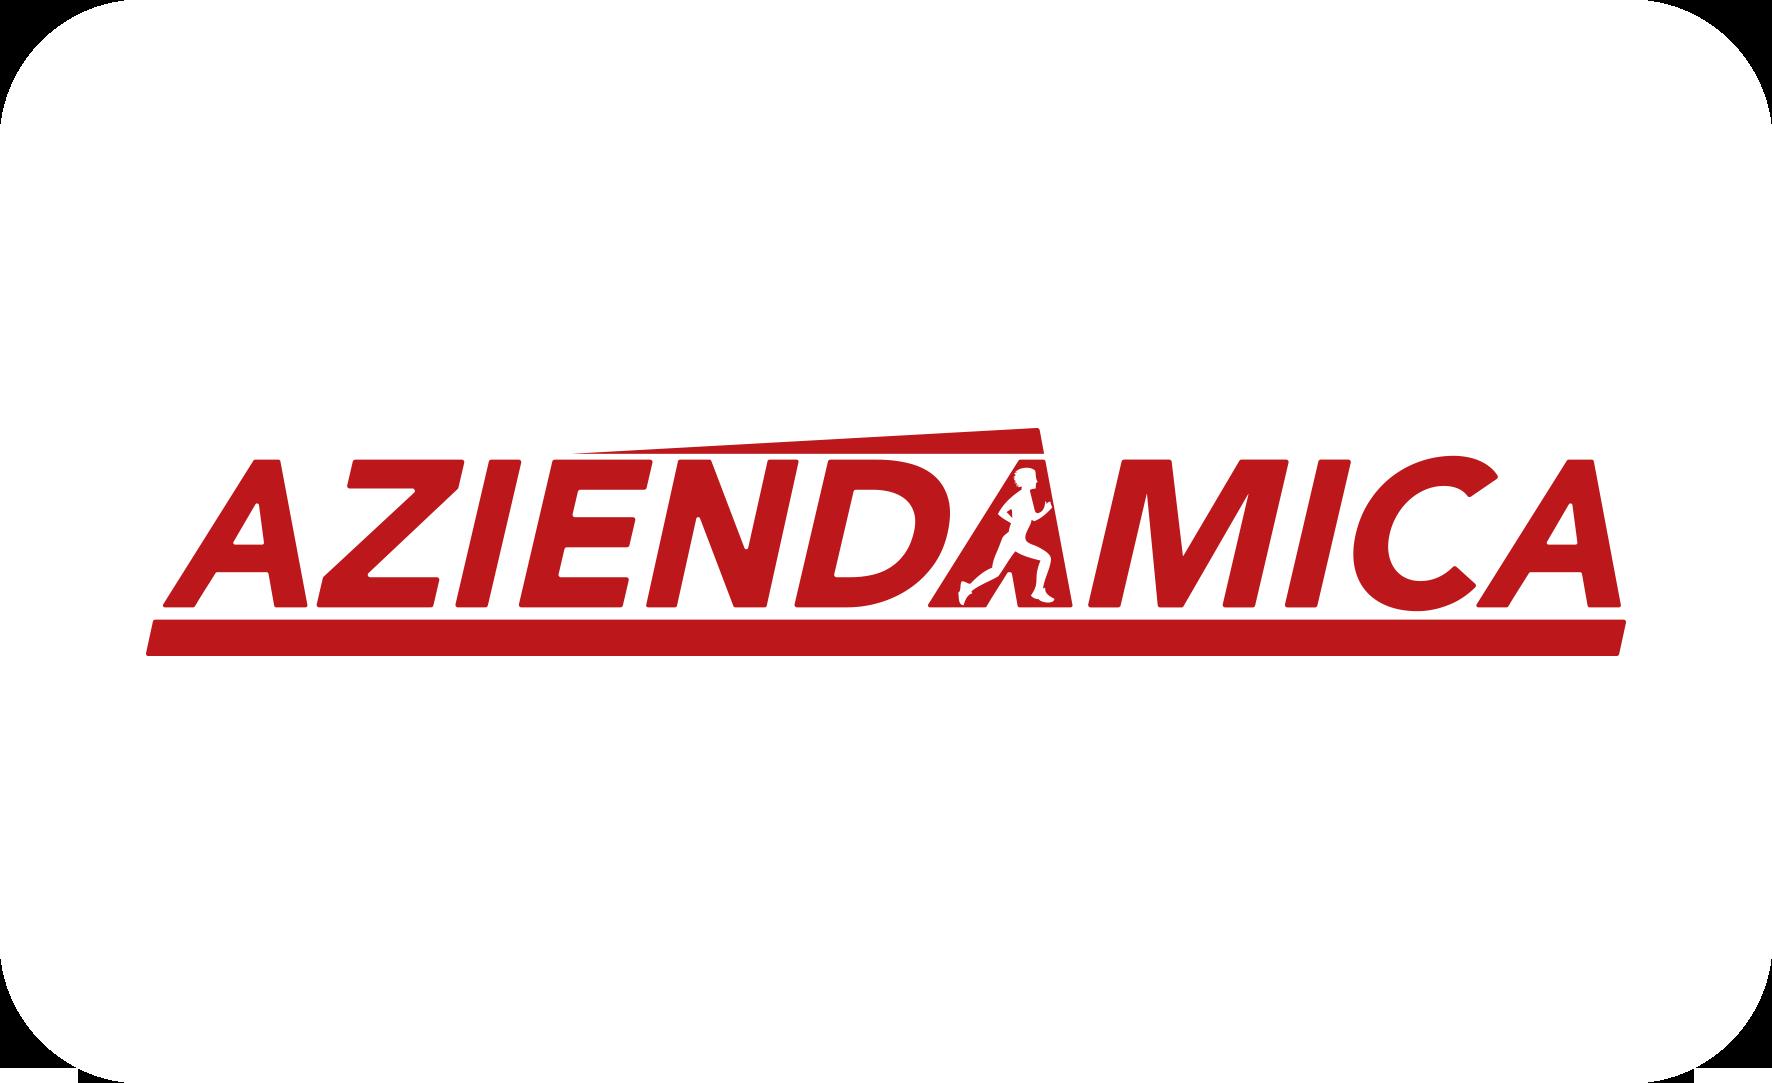 Progetto Azienda Amica – Etnatrail a.s.d. 2019